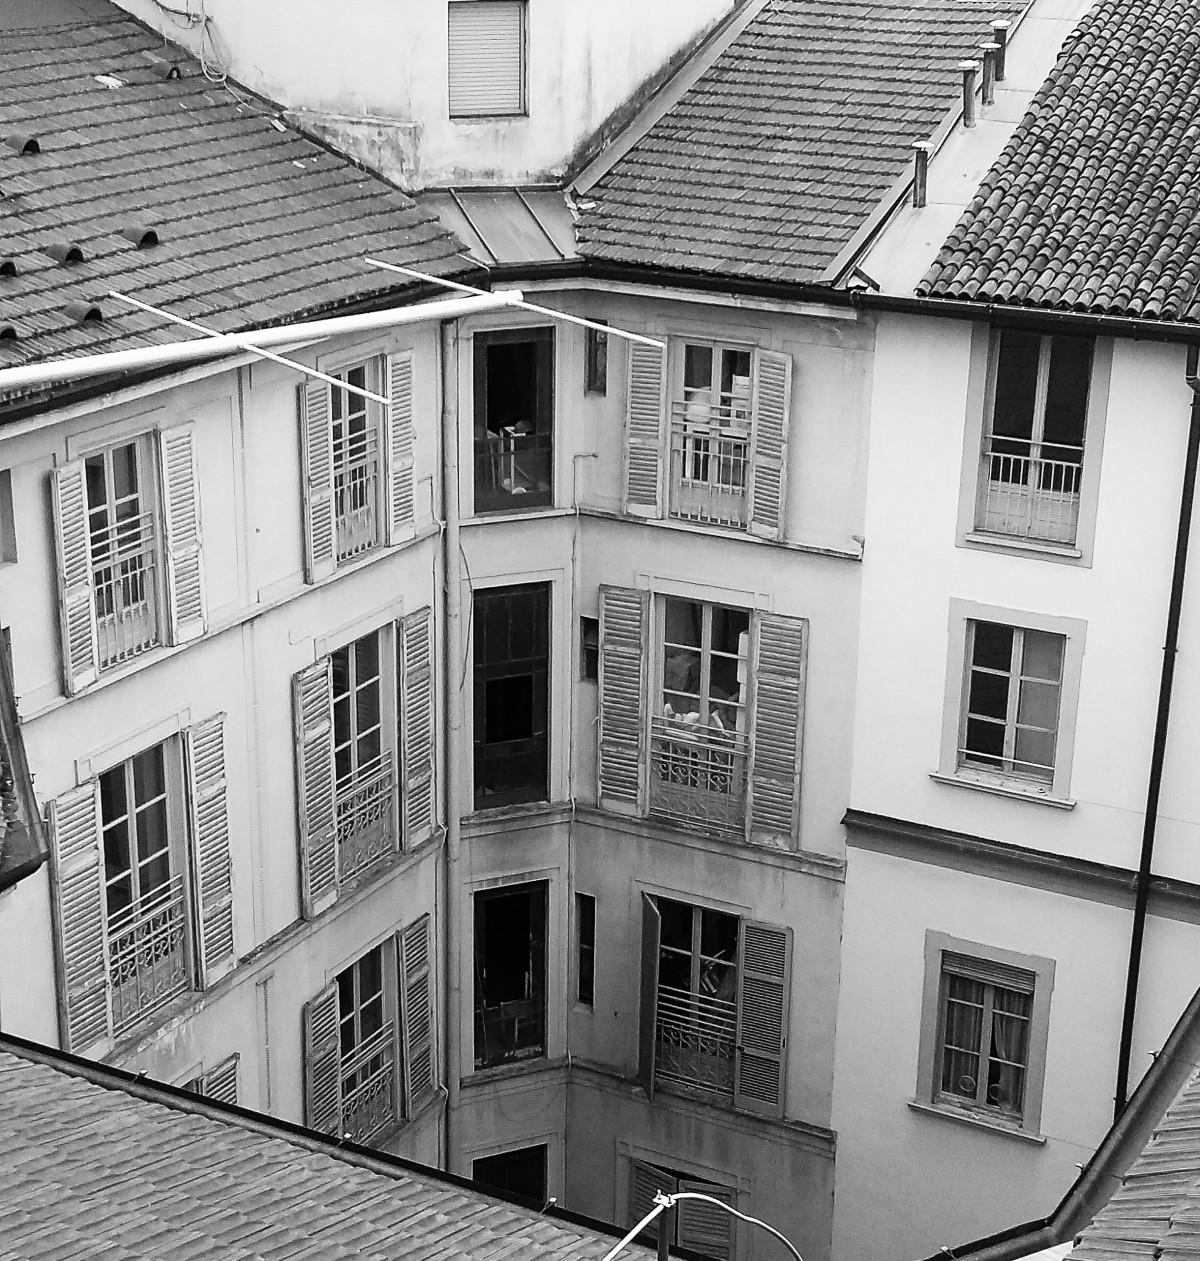 kostenlose foto baum die architektur stra e haus blume gasse new york manhattan balkon. Black Bedroom Furniture Sets. Home Design Ideas